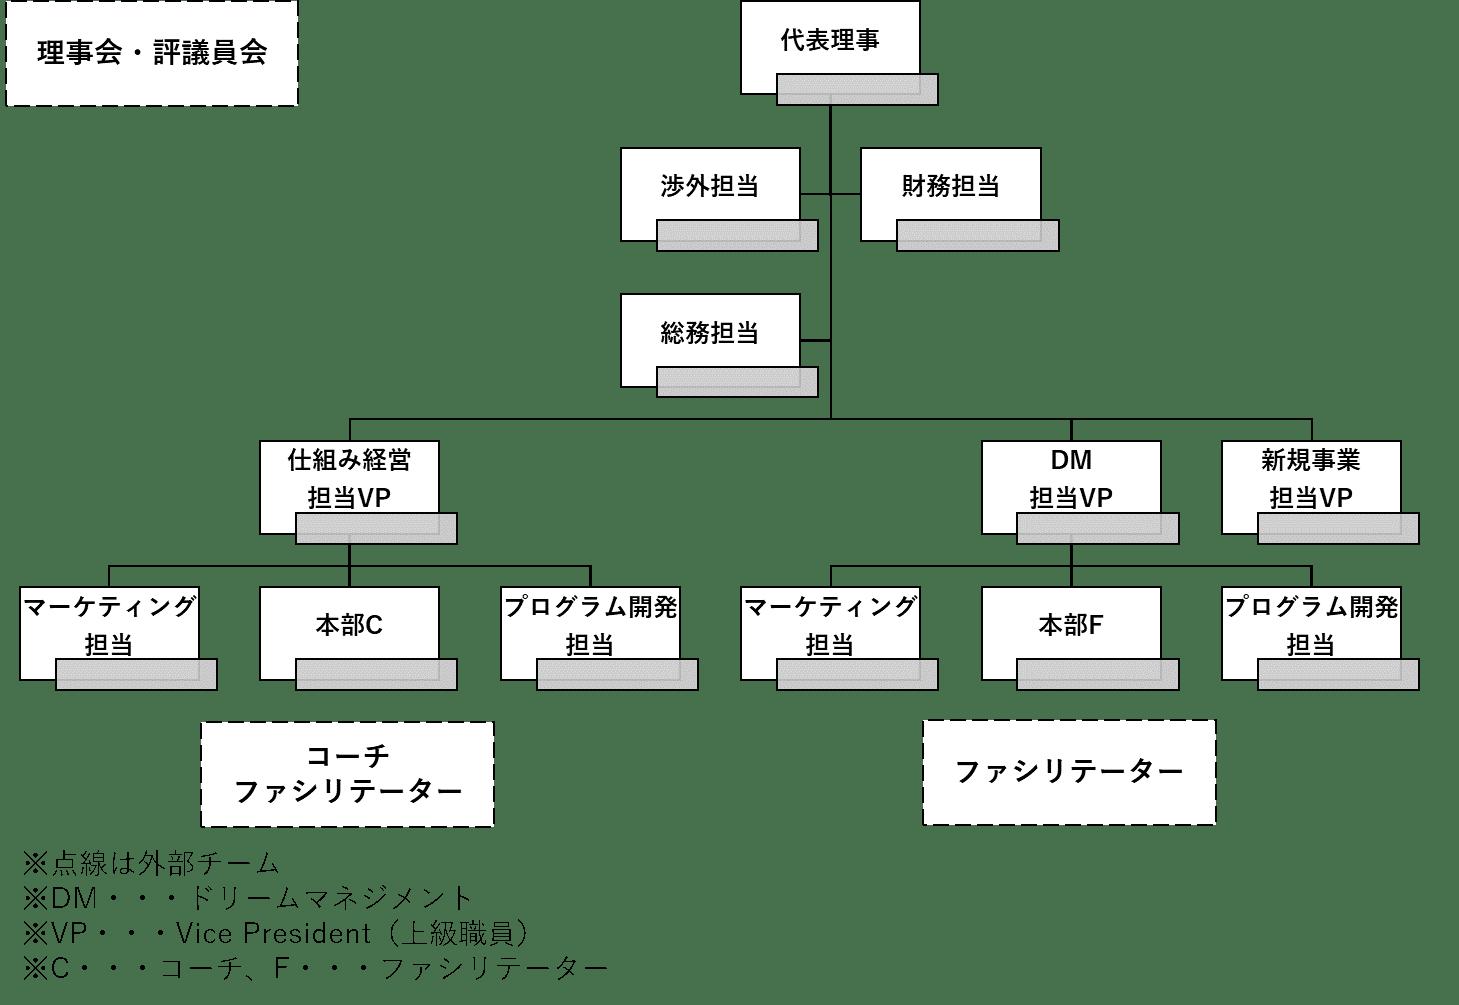 JFEの組織図